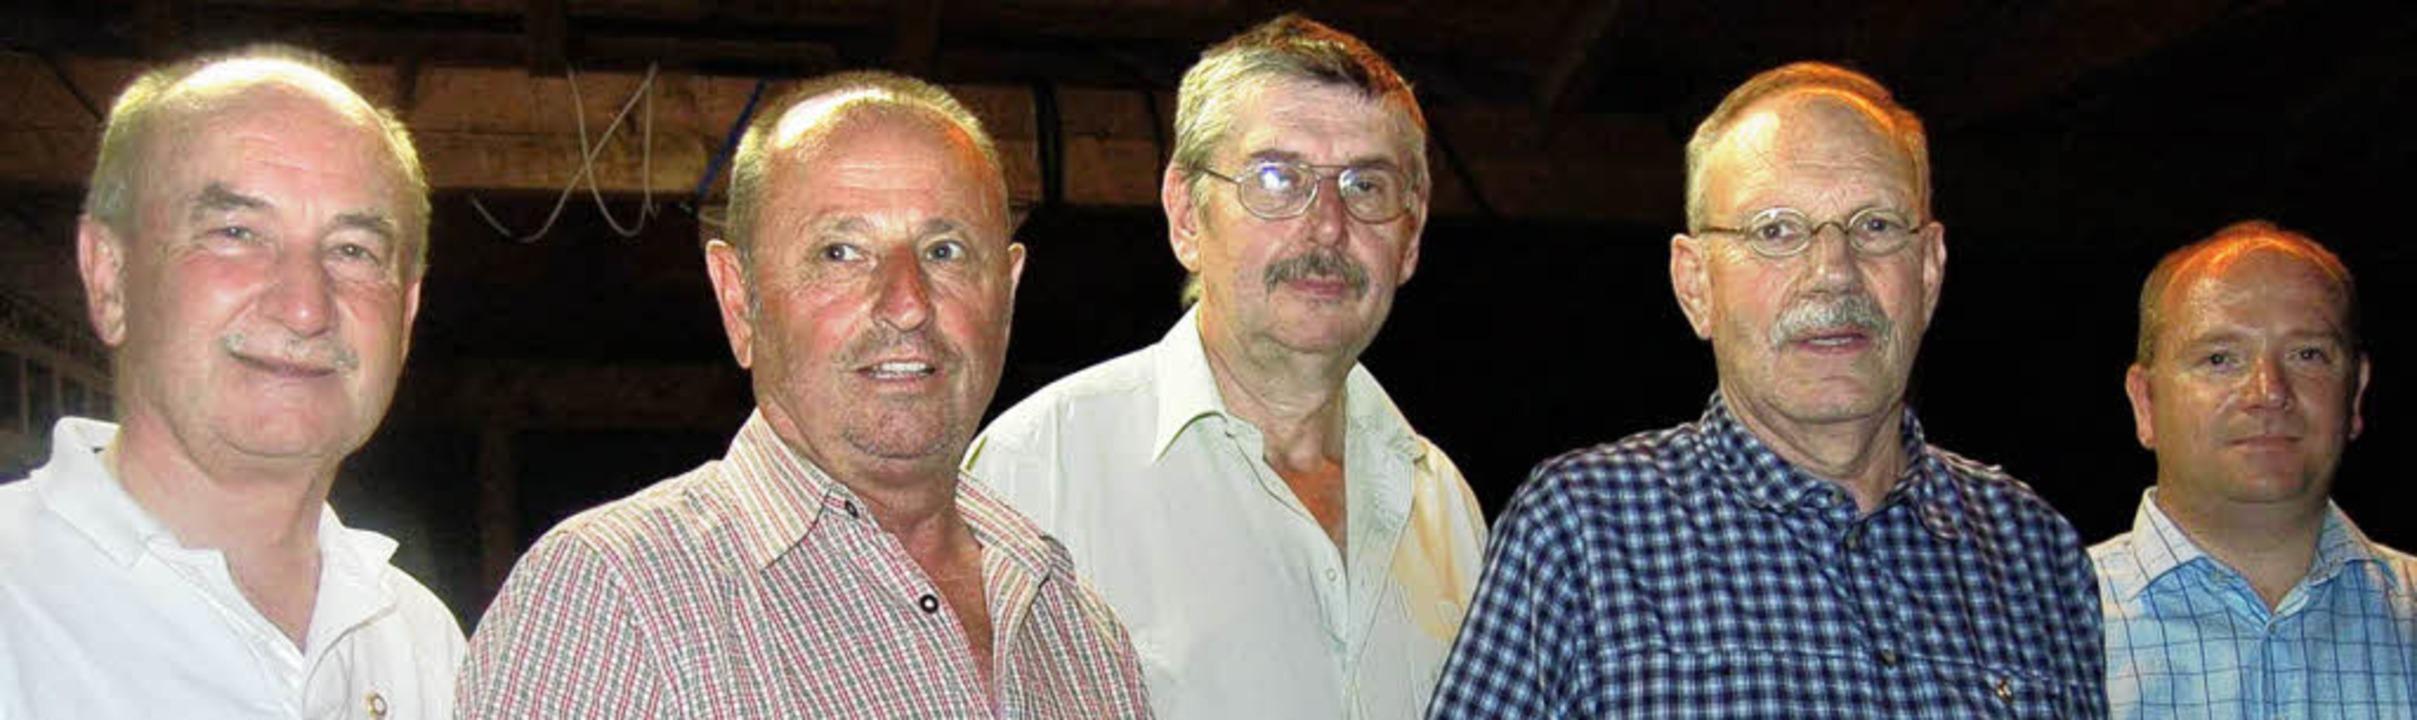 Seit 25 Jahren Mitglied beim FC Wallba...h Roth, Martin Nägele und Markus Weiß.  | Foto: hildegard siebold